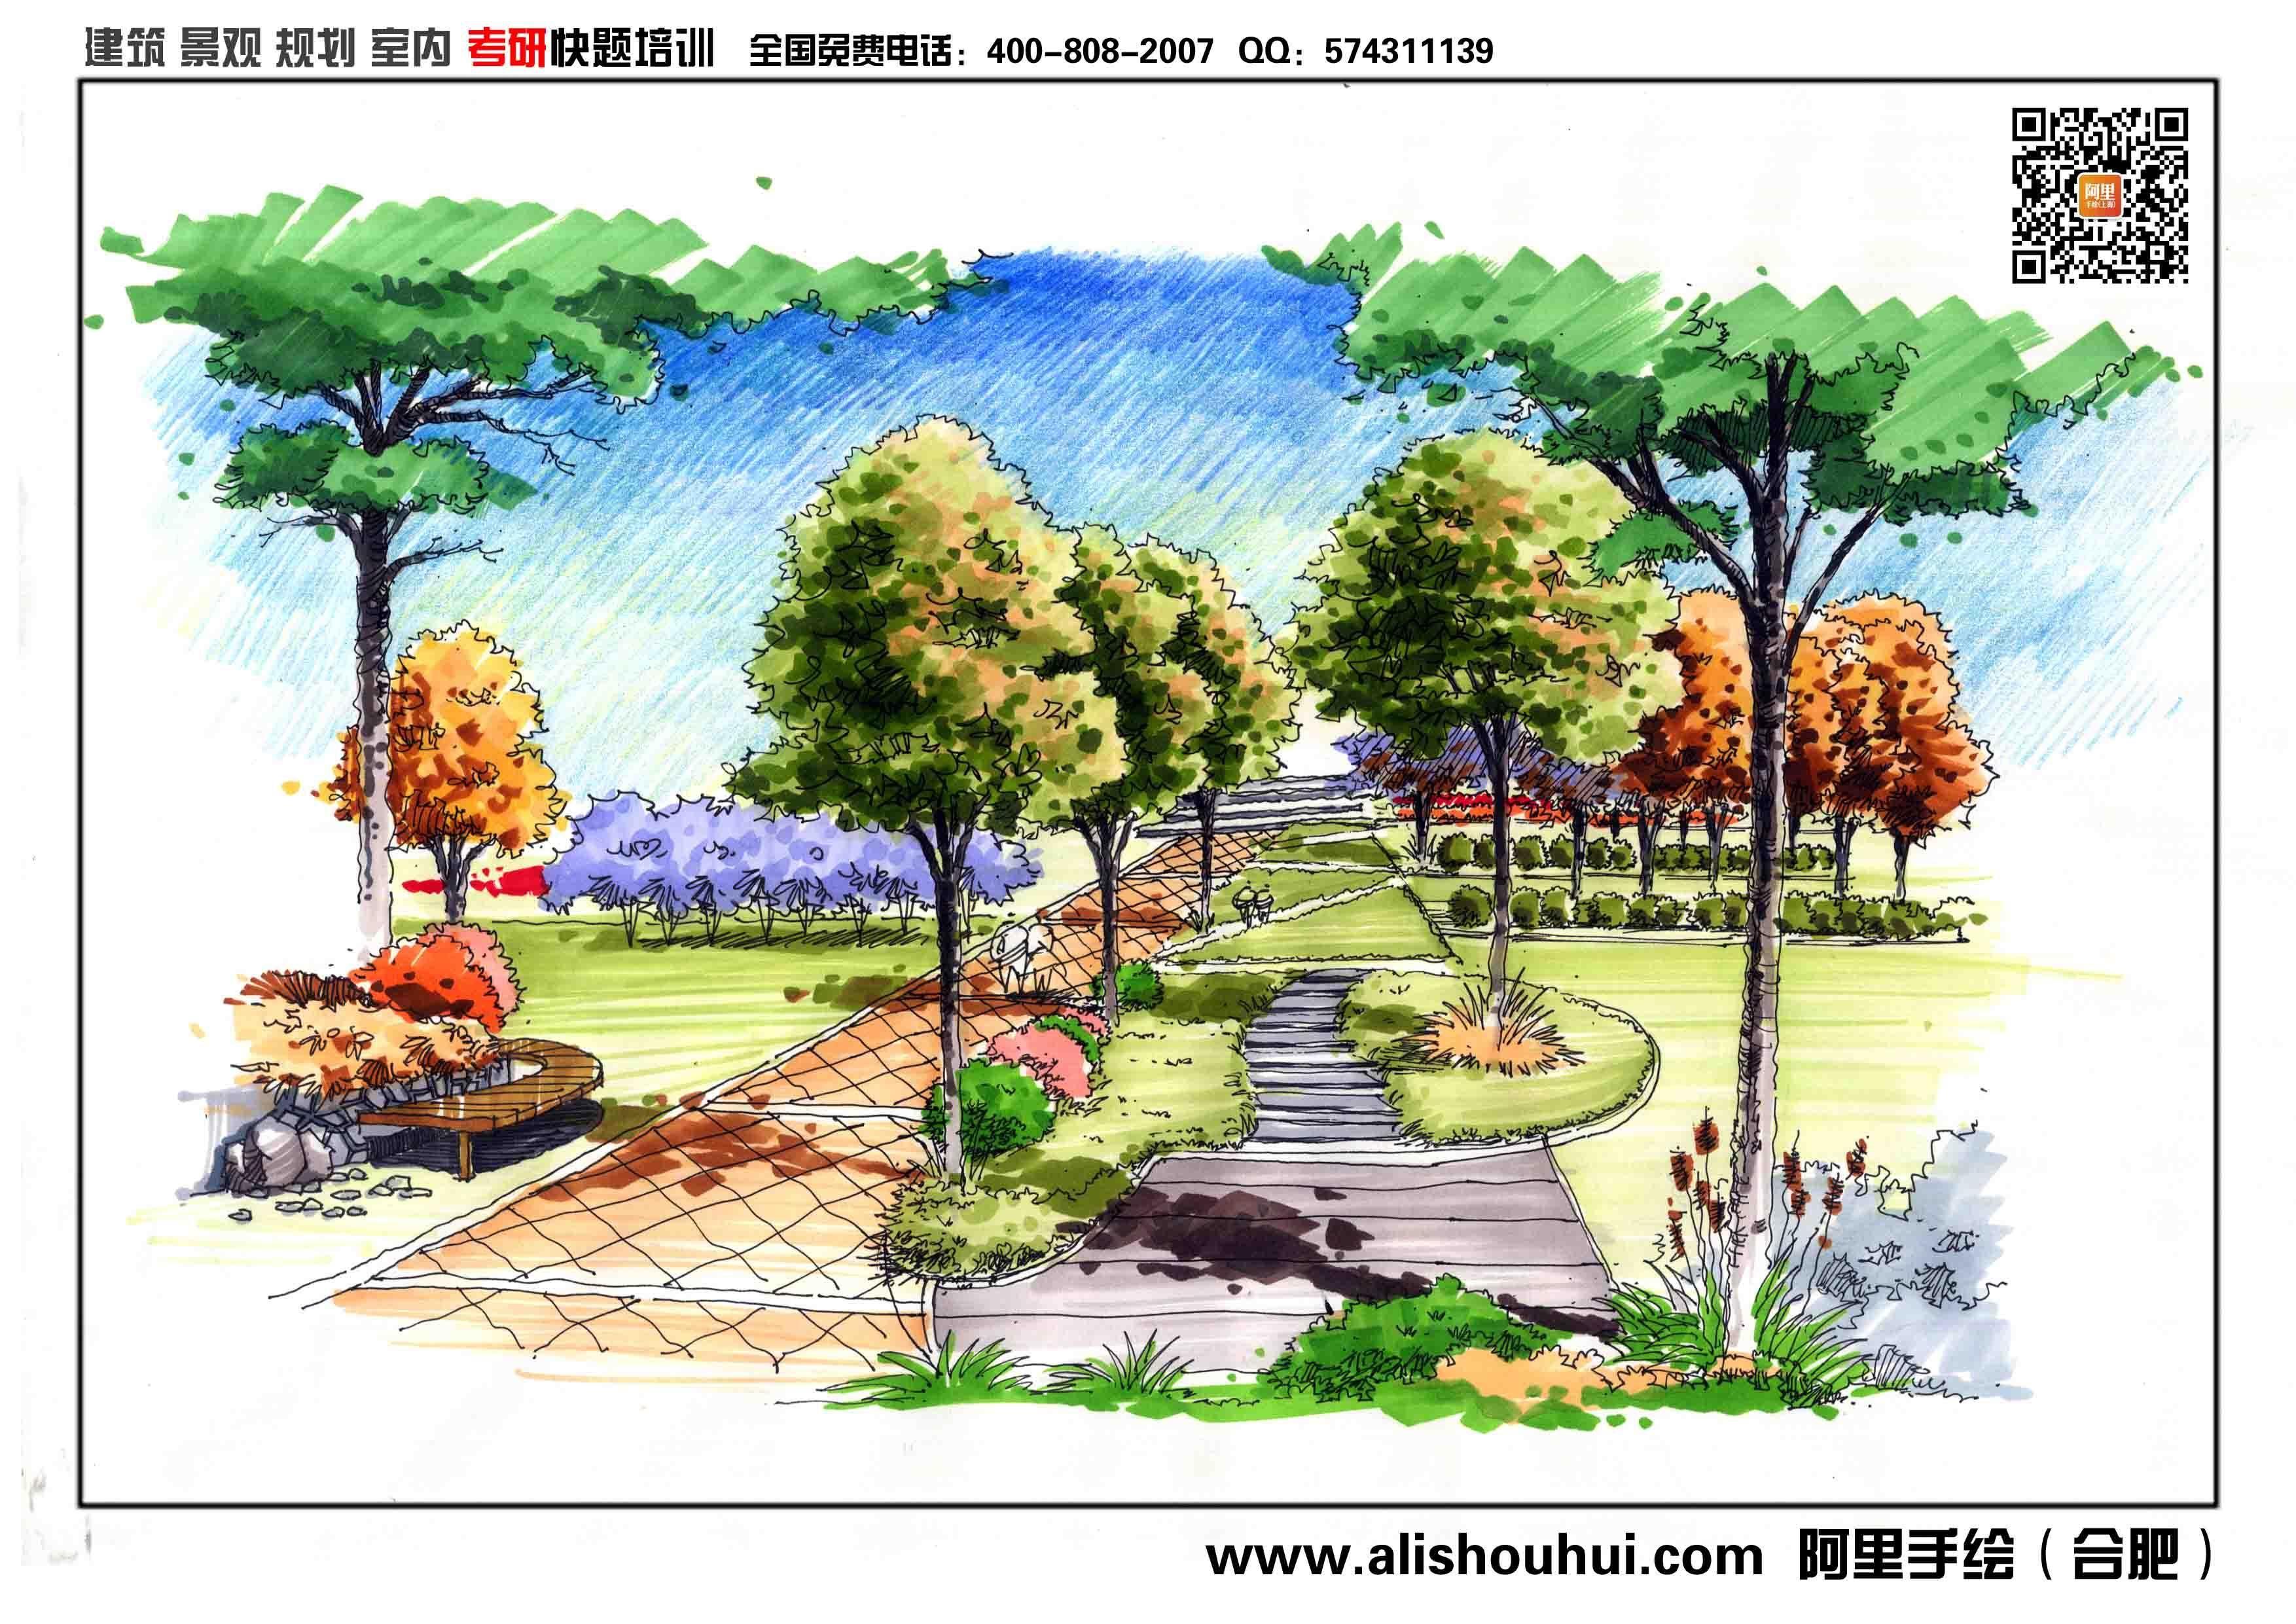 景观手绘效果图123456789101112案例图片 合肥阿里手绘的